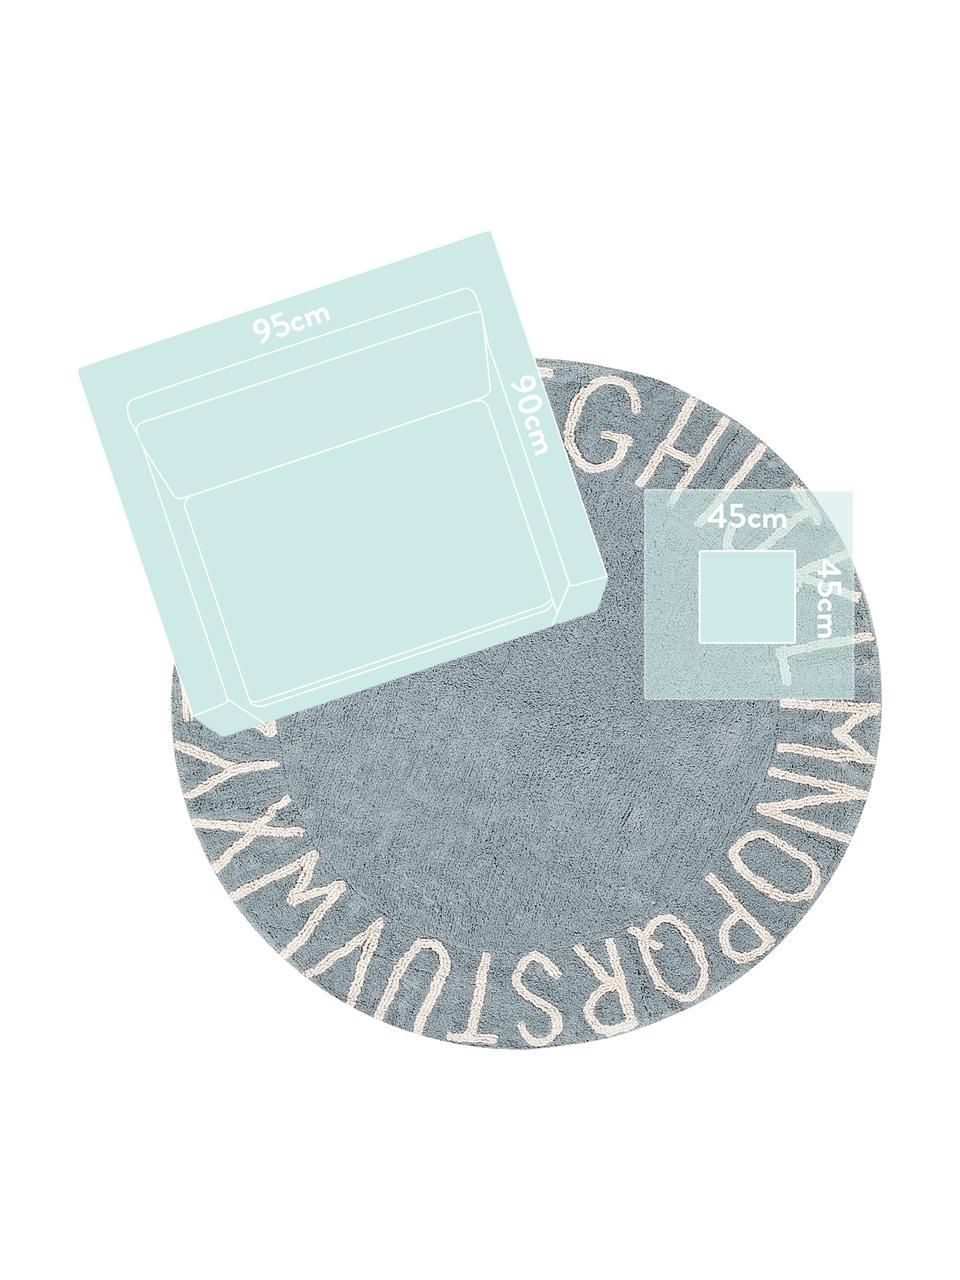 Tappeto rotondo lavabile con motivo a lettere ABC, Cotone riciclato (80% cotone, 20% altre fibre), Blu, beige, Ø 150 cm (taglia M)